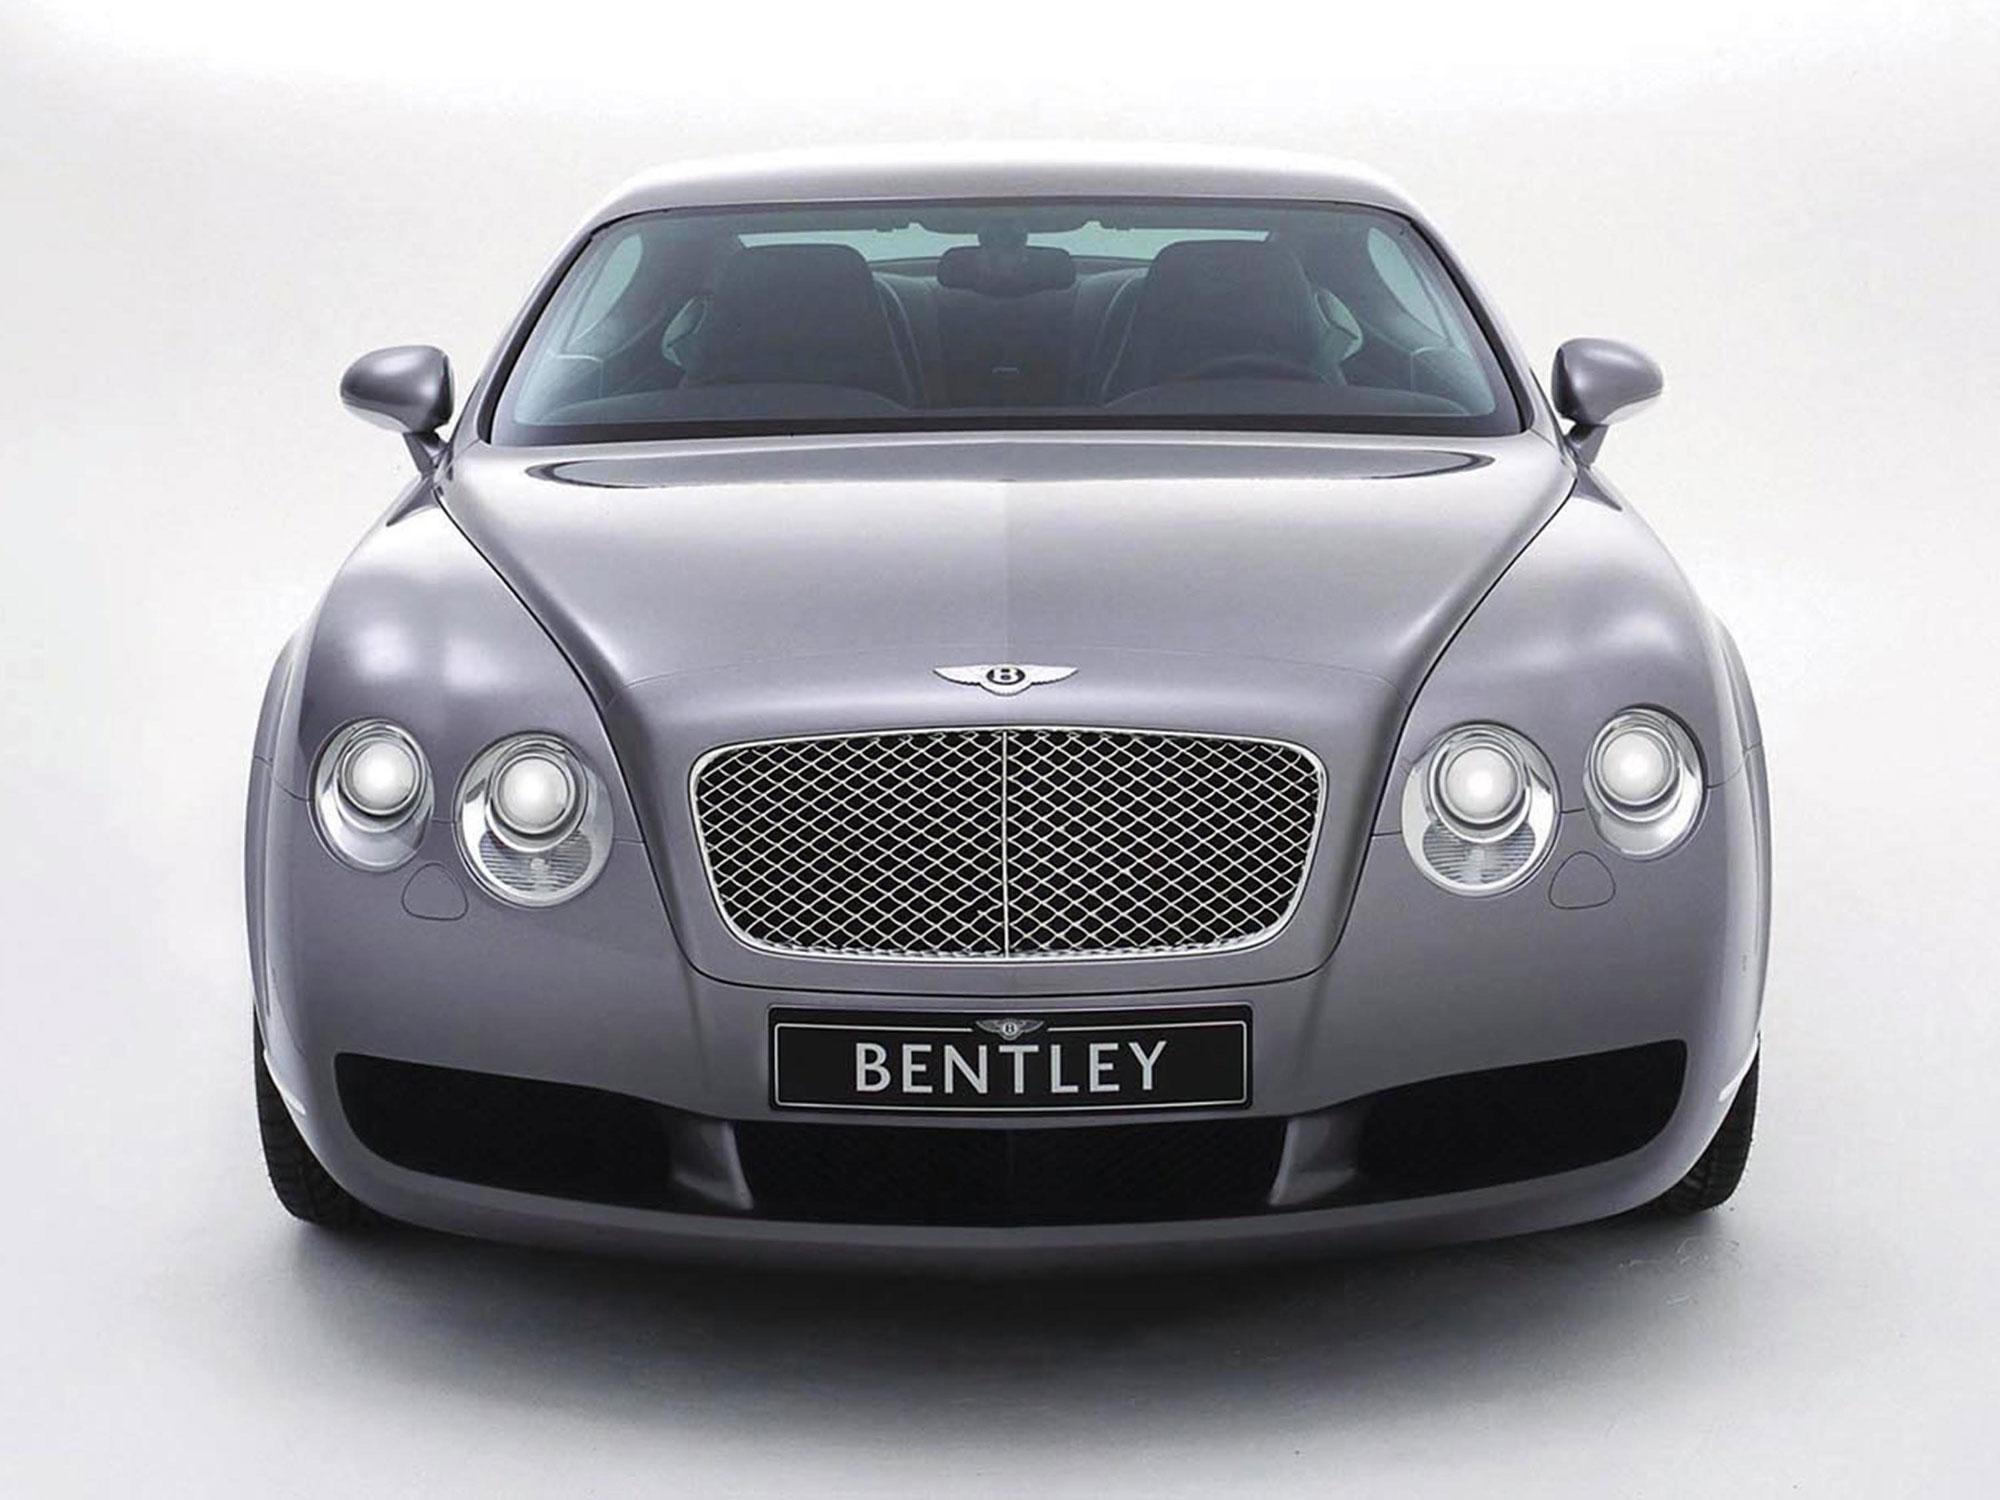 Bentley-Continental-GT-18.jpg